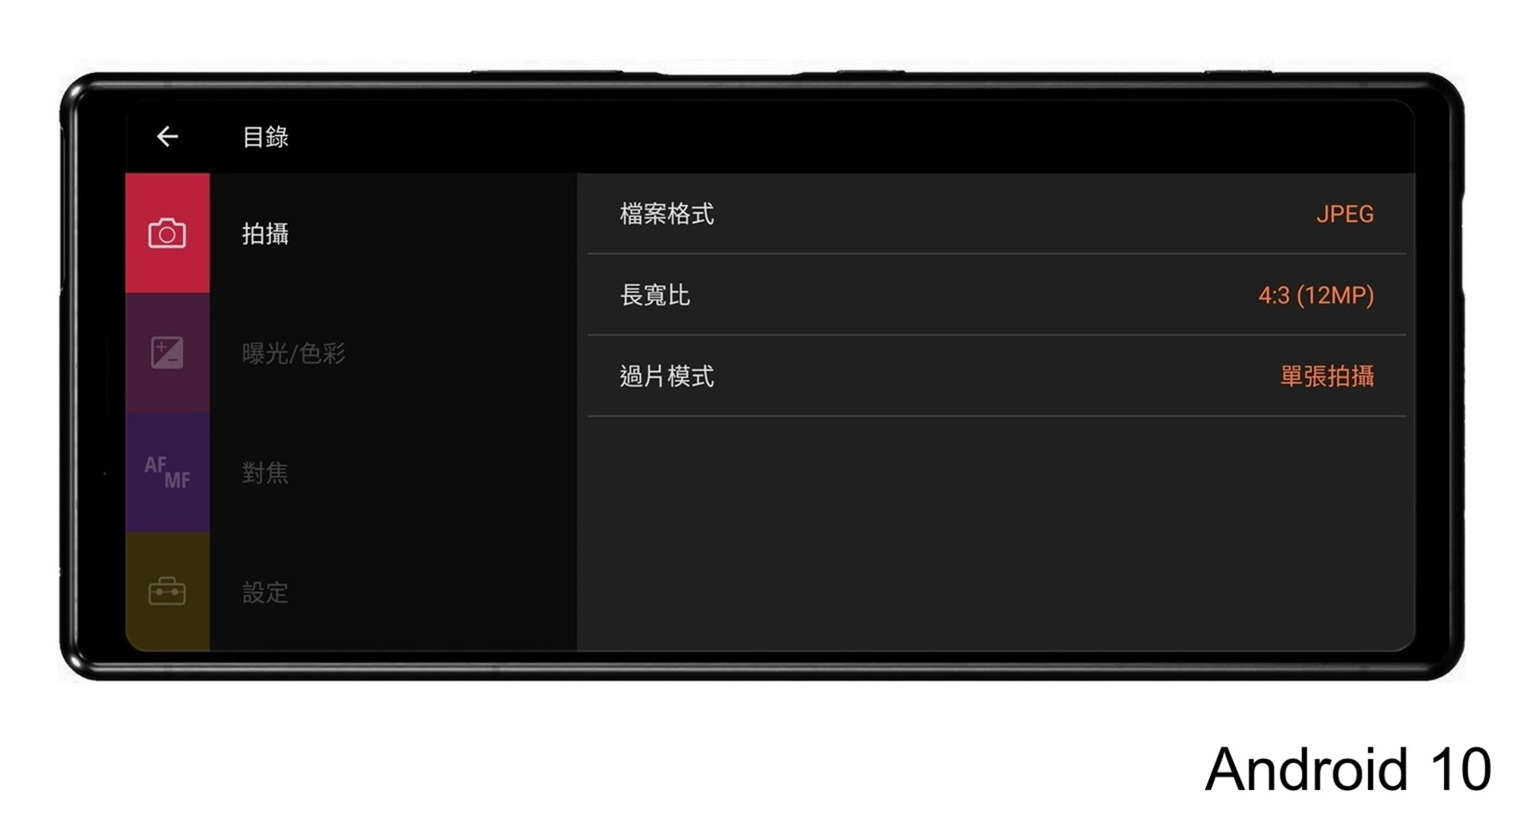 Sony Xperia 1 II 更新 Android 11 實測,5G+4G 雙卡開放,支援 4K120 錄影 @3C 達人廖阿輝